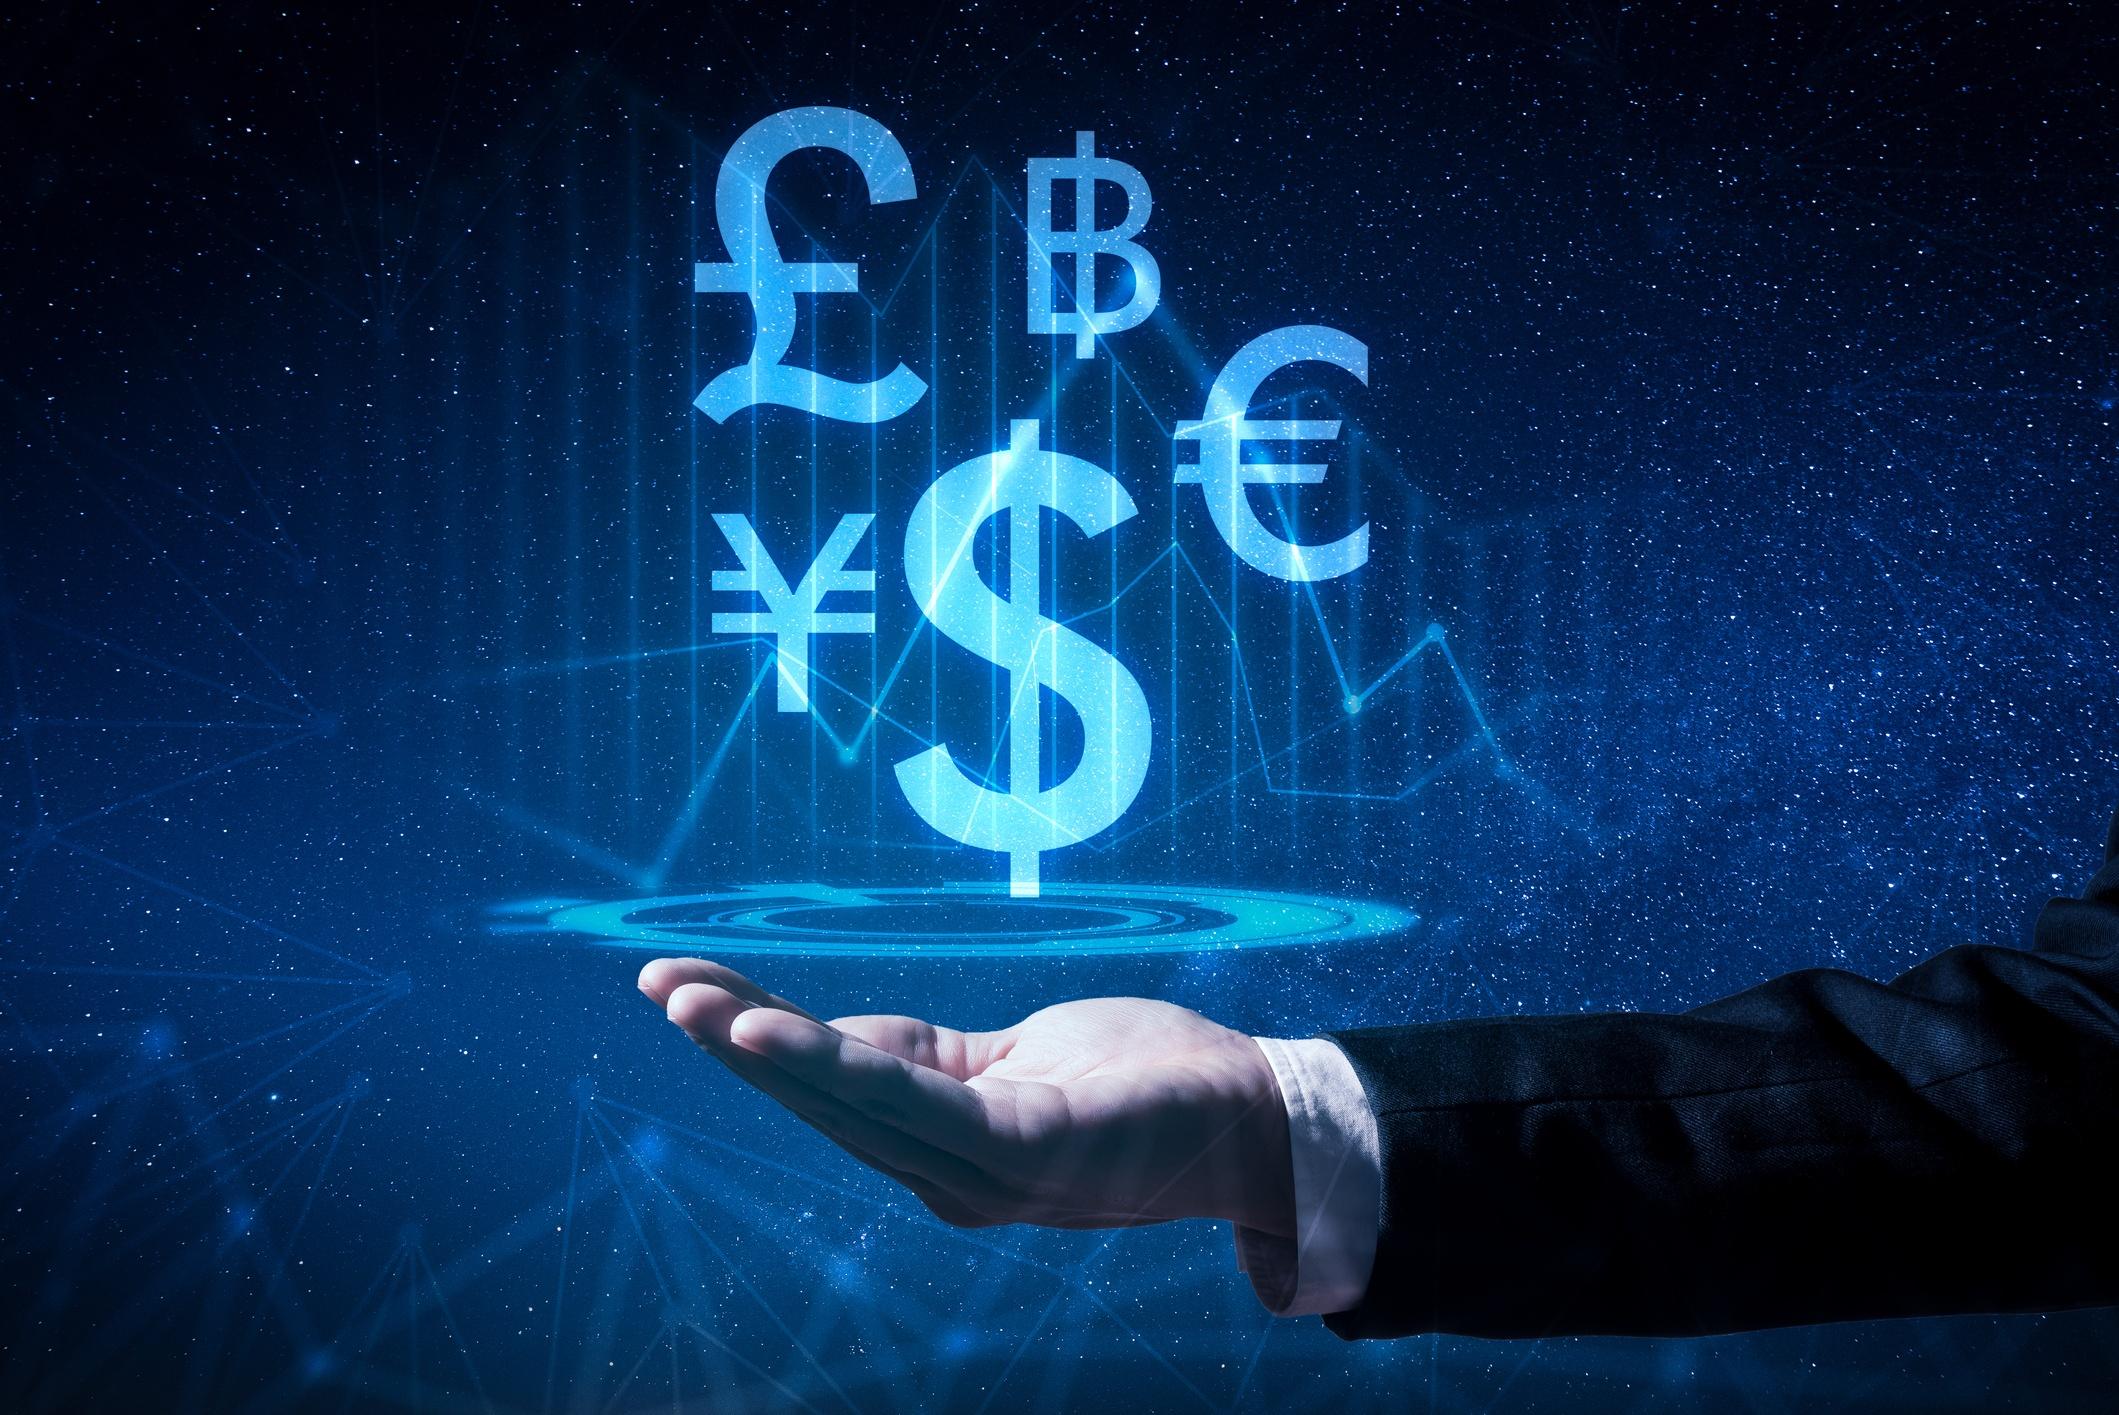 Sự kiện thị trường ngoại hối tuần này 20/4 - 24/4: Mỹ rục rịch nới lỏng phong tỏa, các nền kinh tế đón nhận dữ liệu kém vui vì COVID-19 - Ảnh 1.